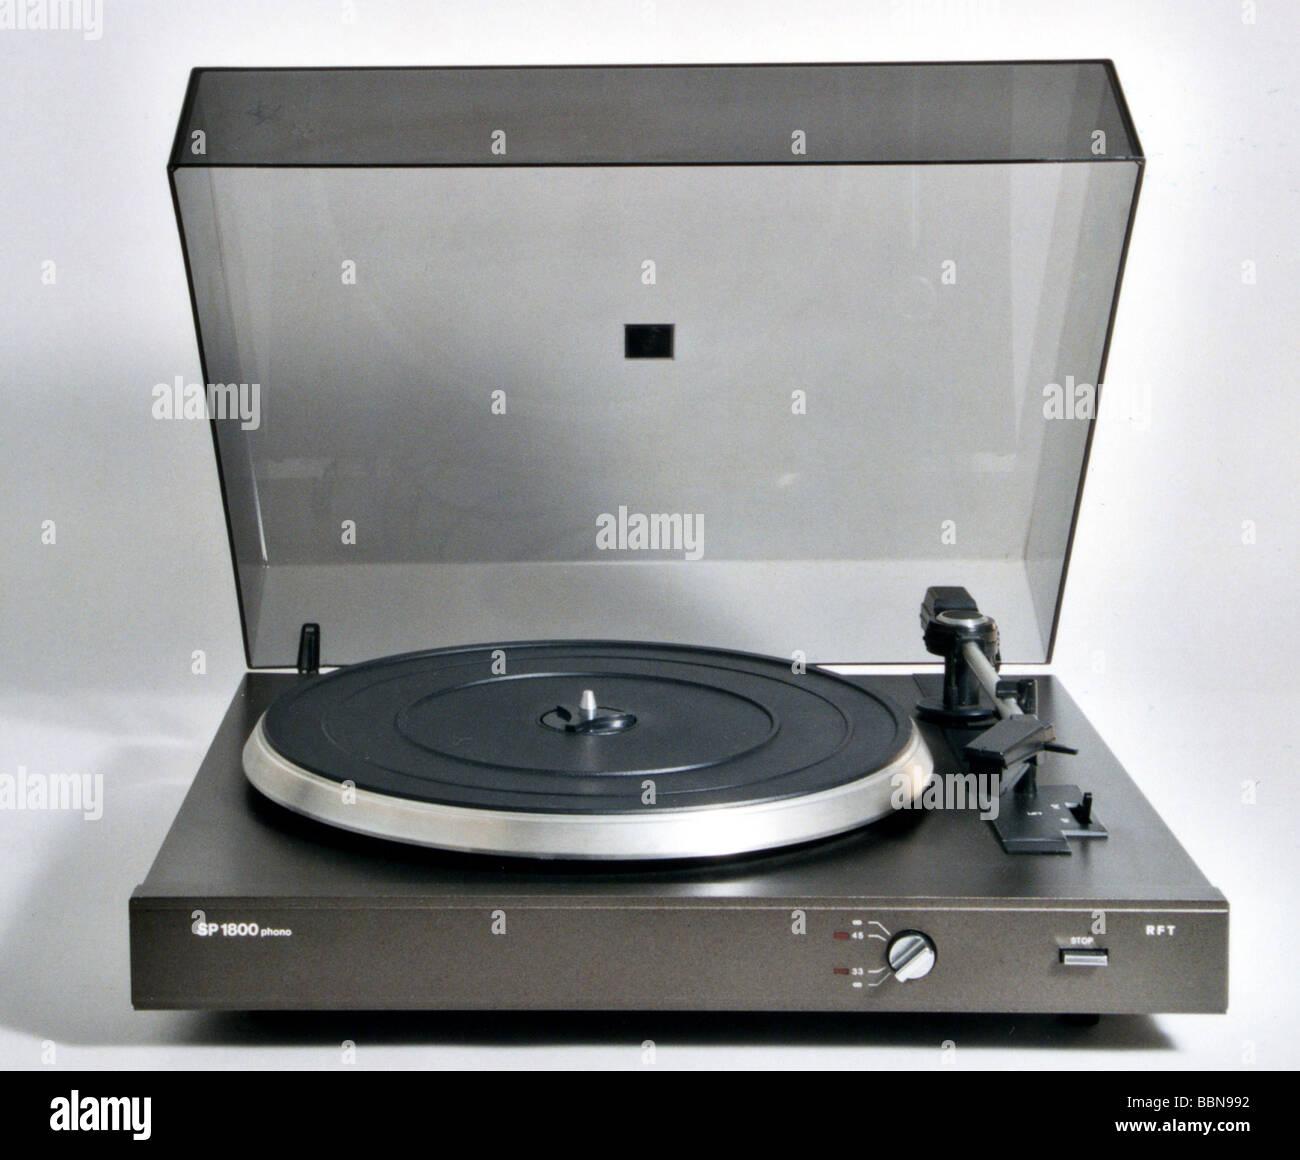 Technics, completamente automático tocadiscos estéreo SP 1800, formuladas por el VEB Phonotechnik Zittau Imagen De Stock